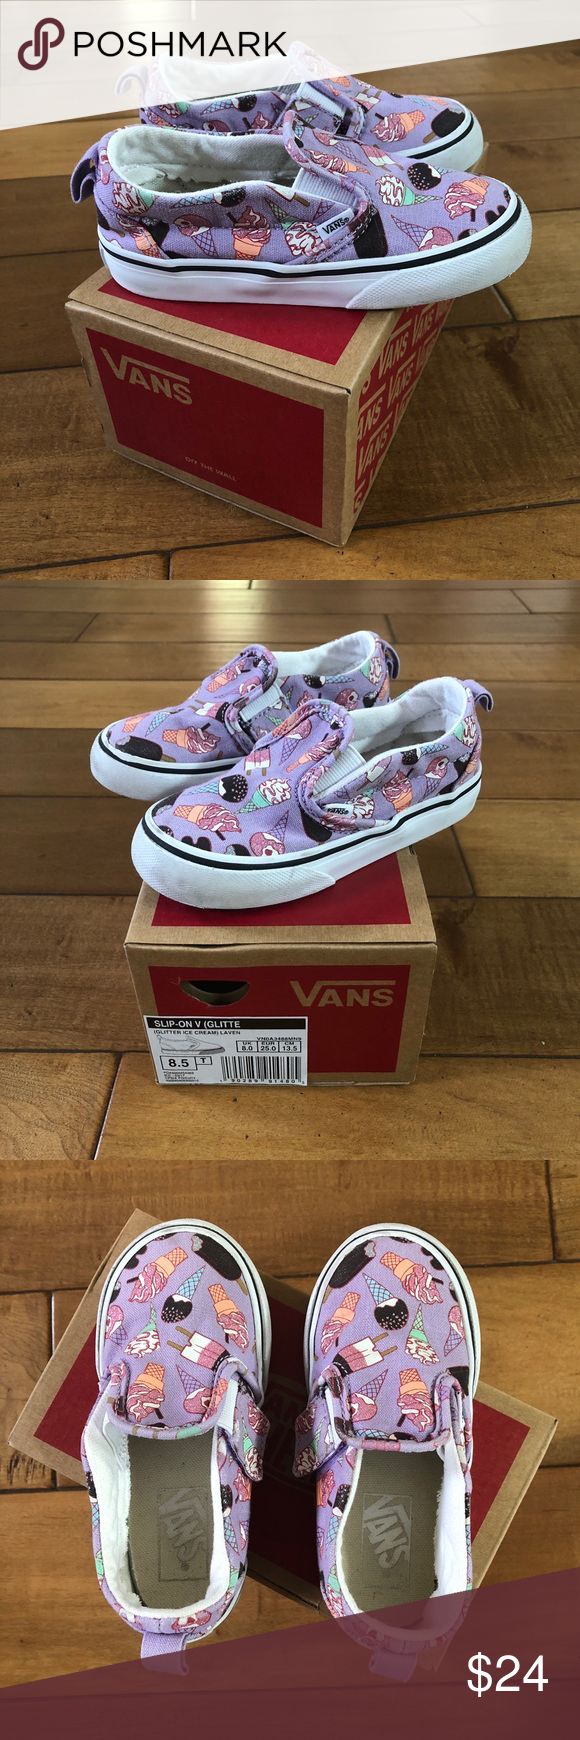 8538ff228d Vans Glitter Ice Cream Slip On V Shoes Toddler 8.5